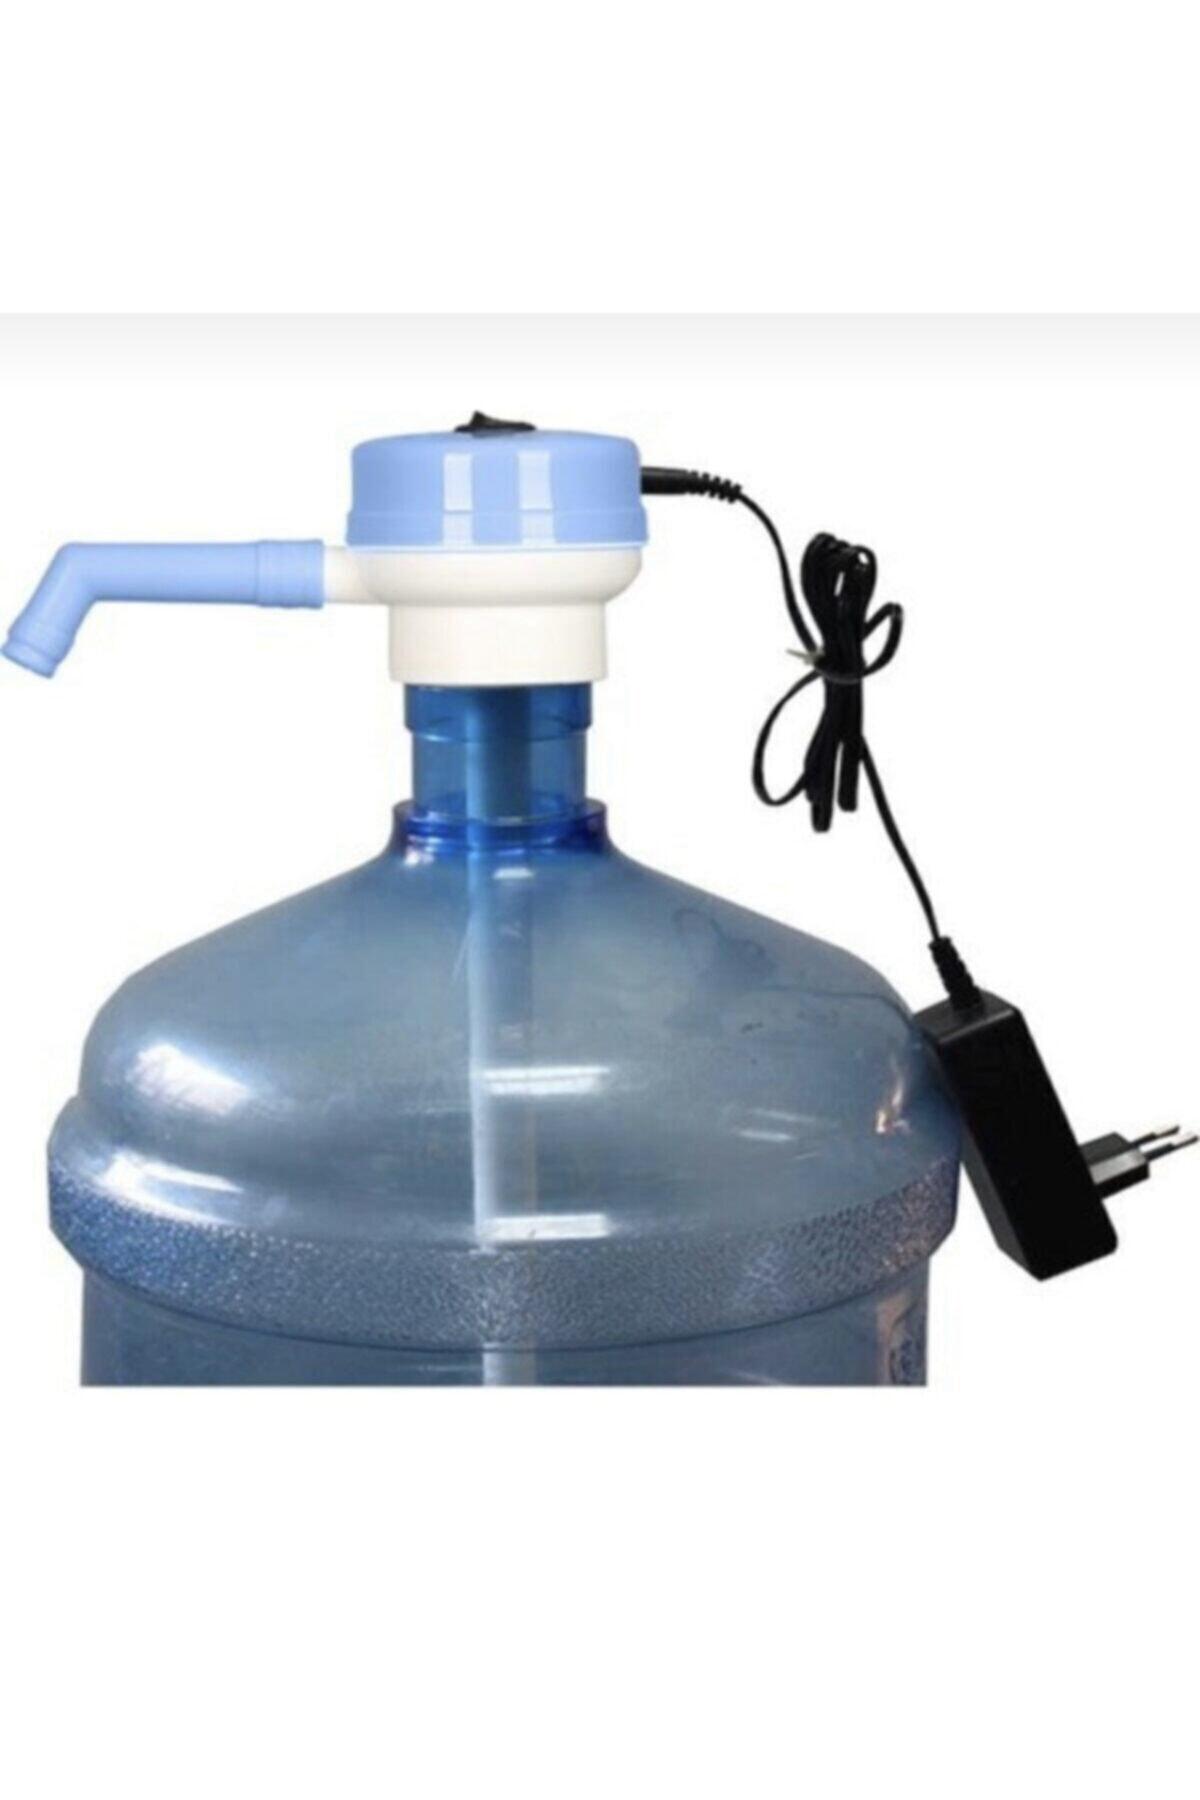 SNR Elektrikli Damacana Su Pompası Fiyatı, Yorumları - Trendyol